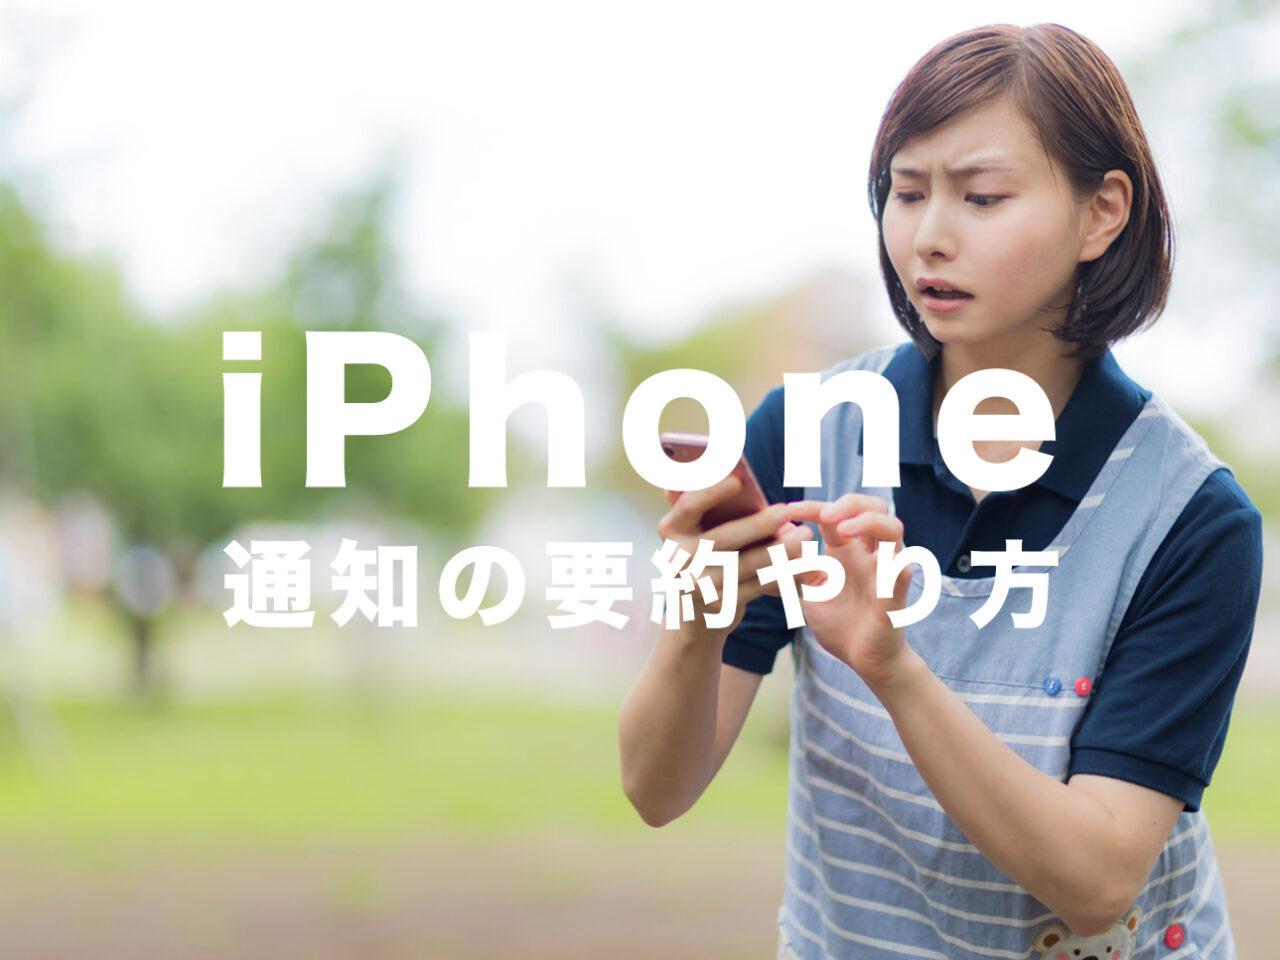 iOS15のiPhoneで通知要約で通知をまとめるやり方は?時刻指定要約機能!のサムネイル画像